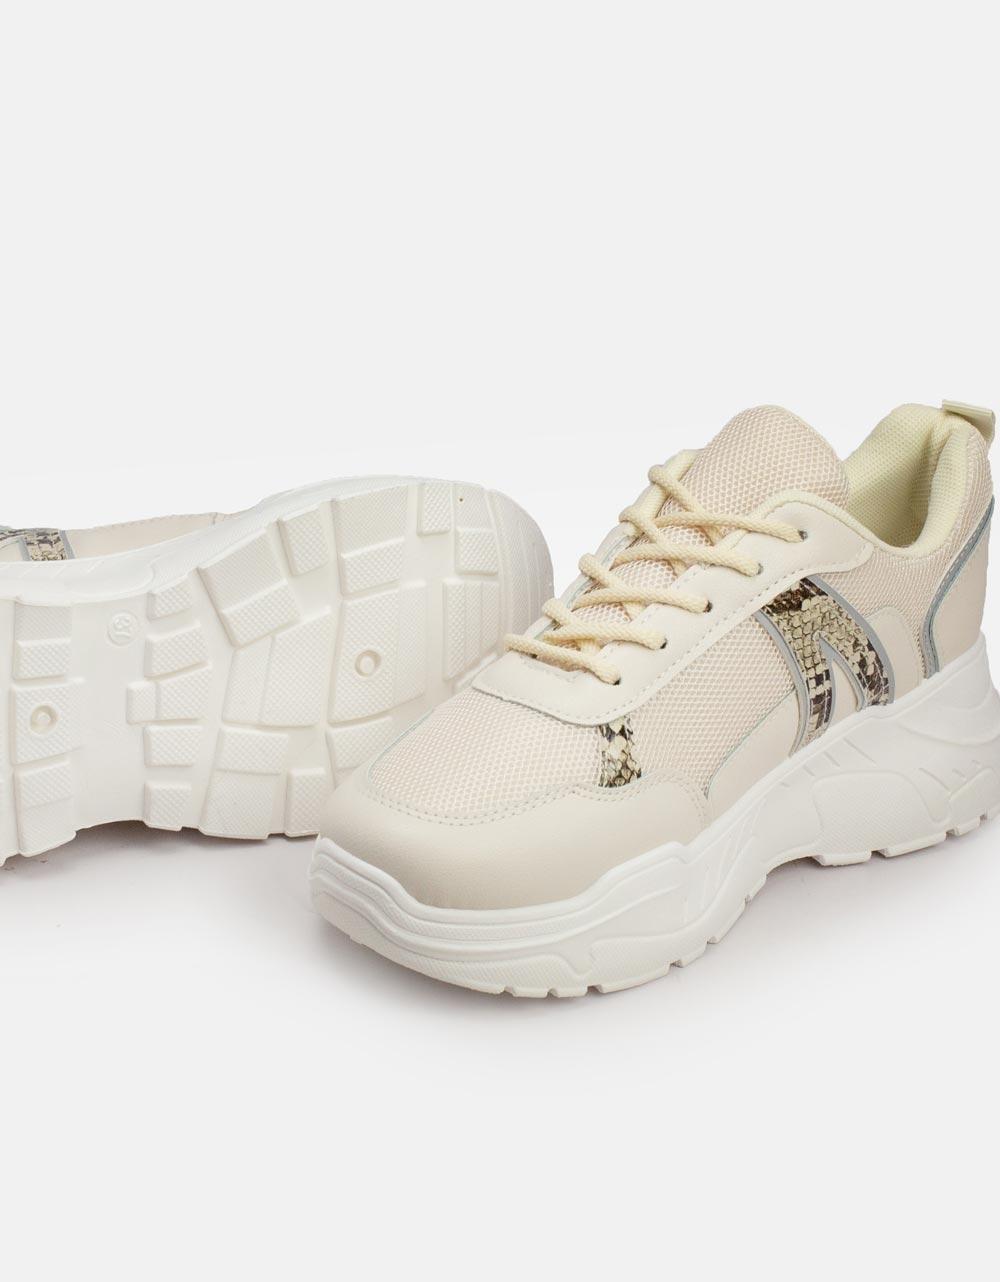 Εικόνα από Γυναικεία sneakers με κροκό λεπτομέρεια Μπεζ